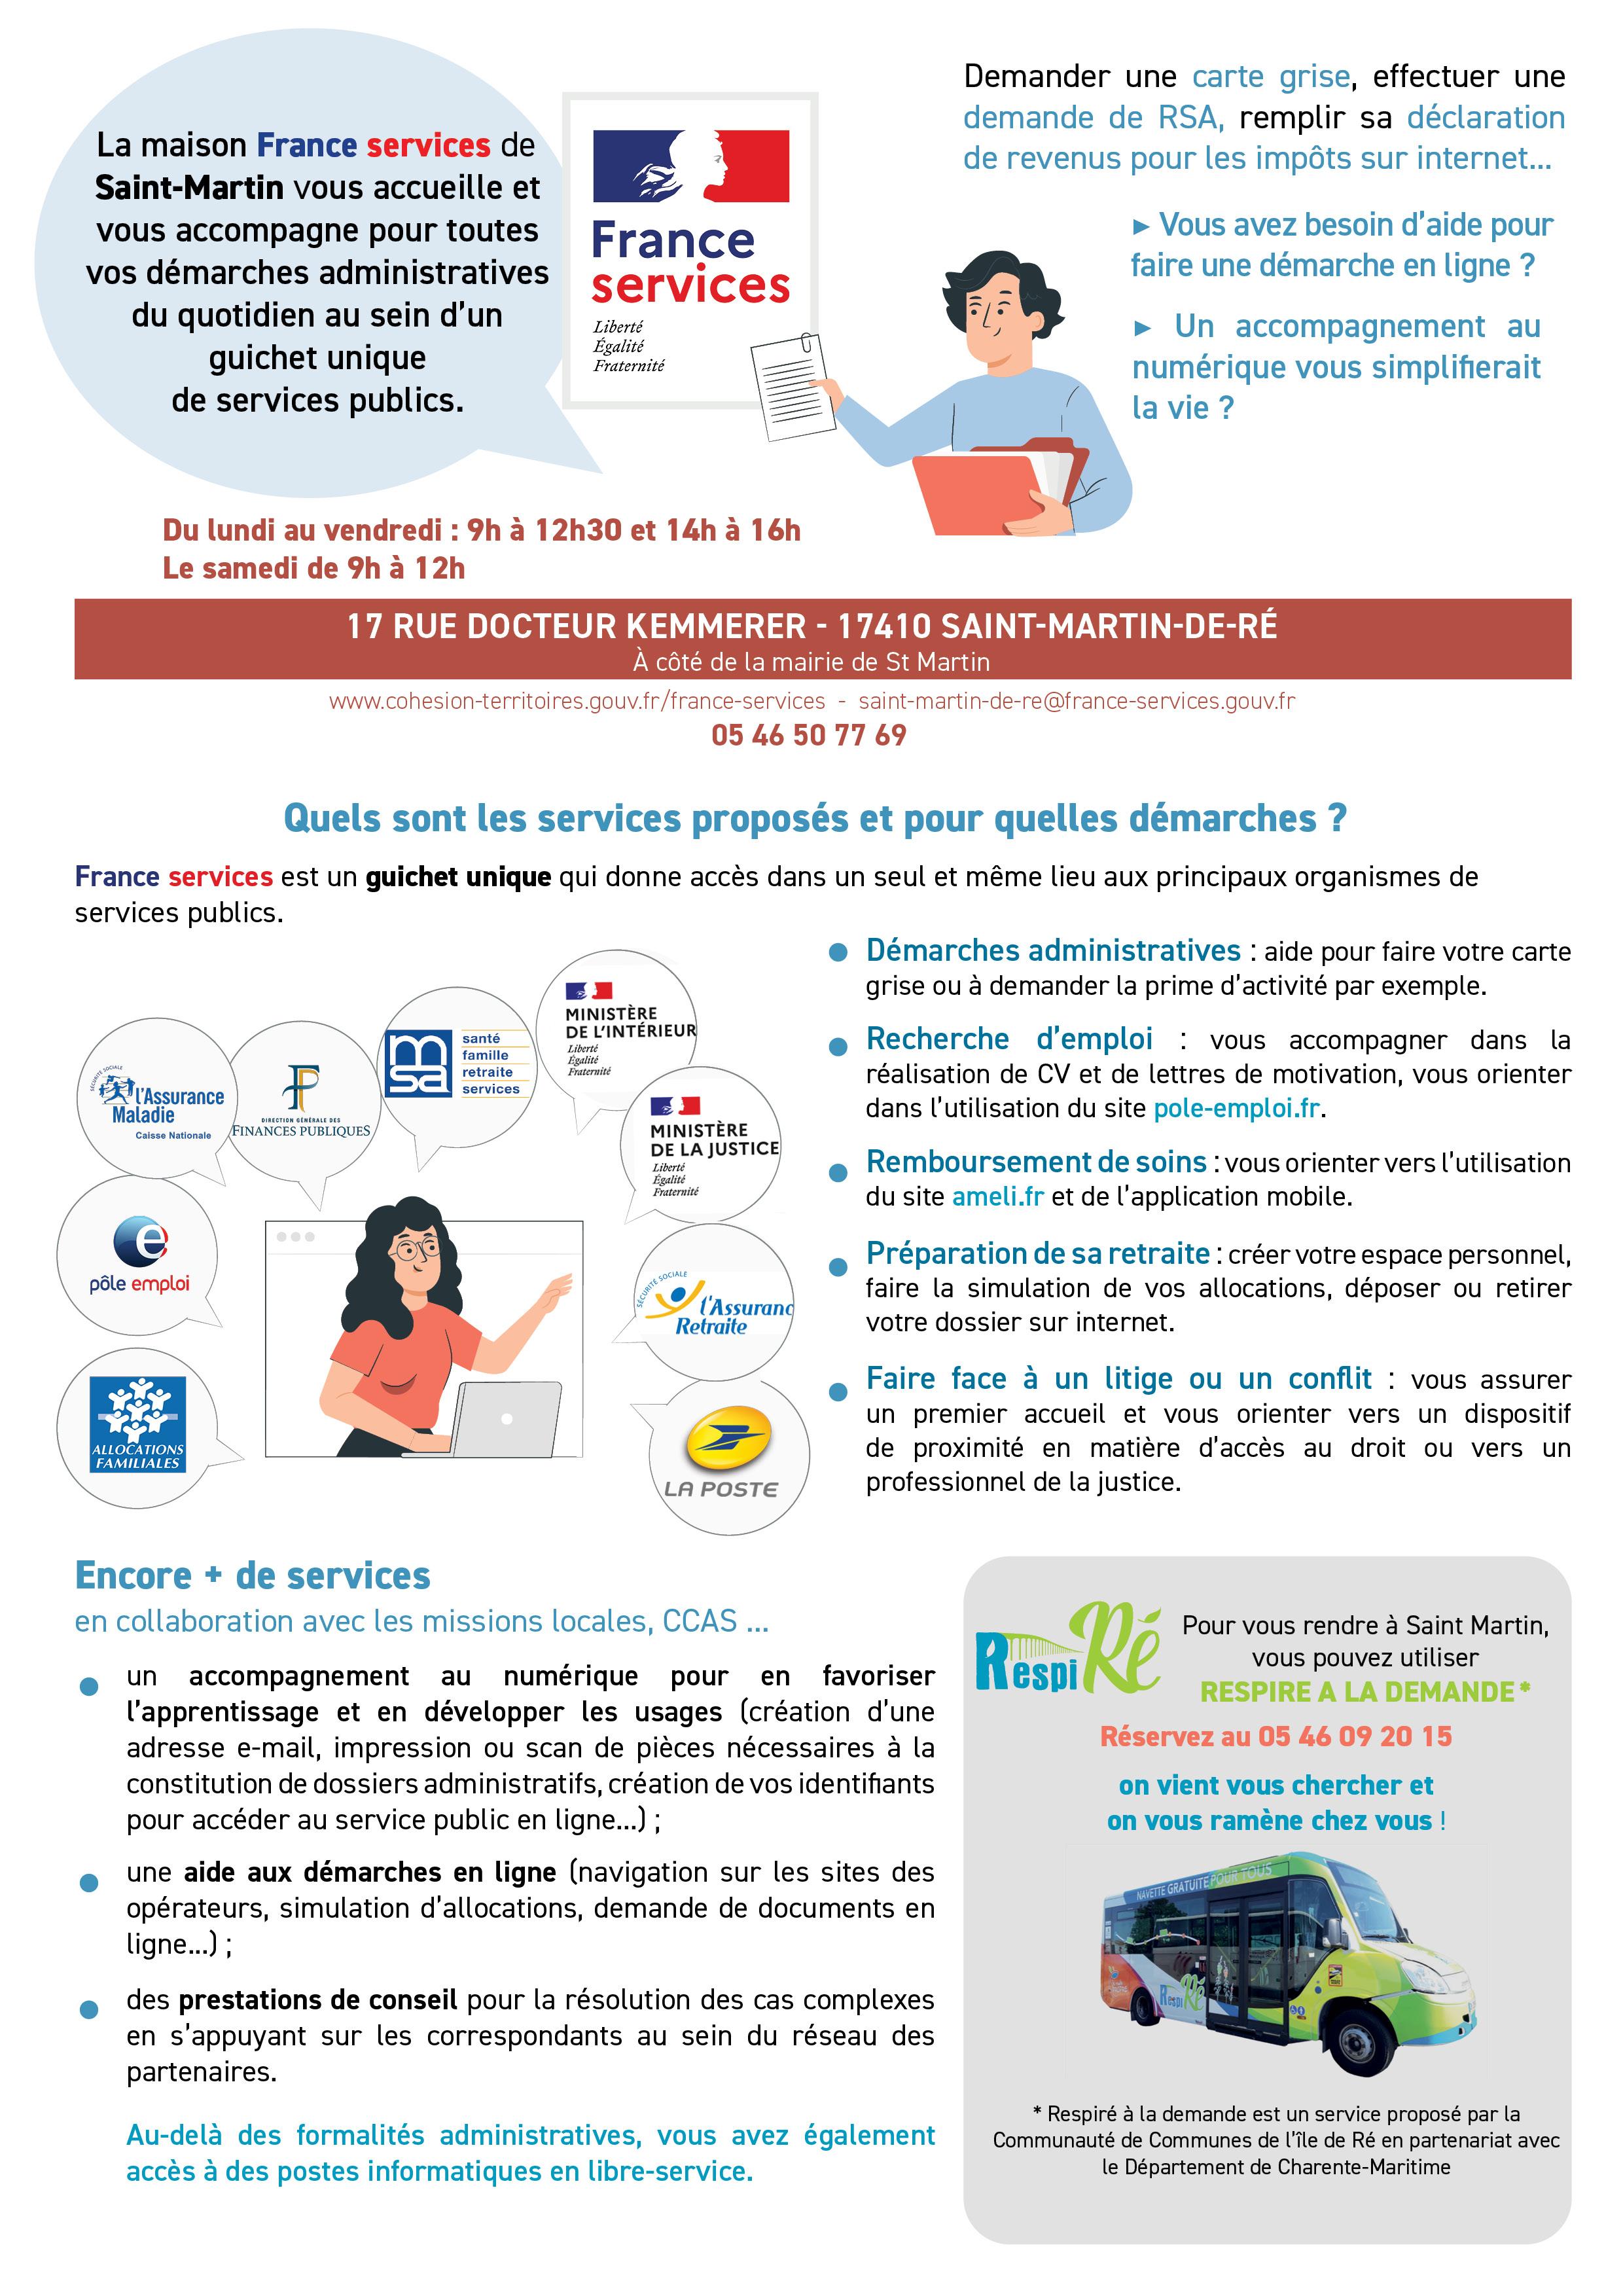 WEB - maison France services de Saint-Martin.jpg